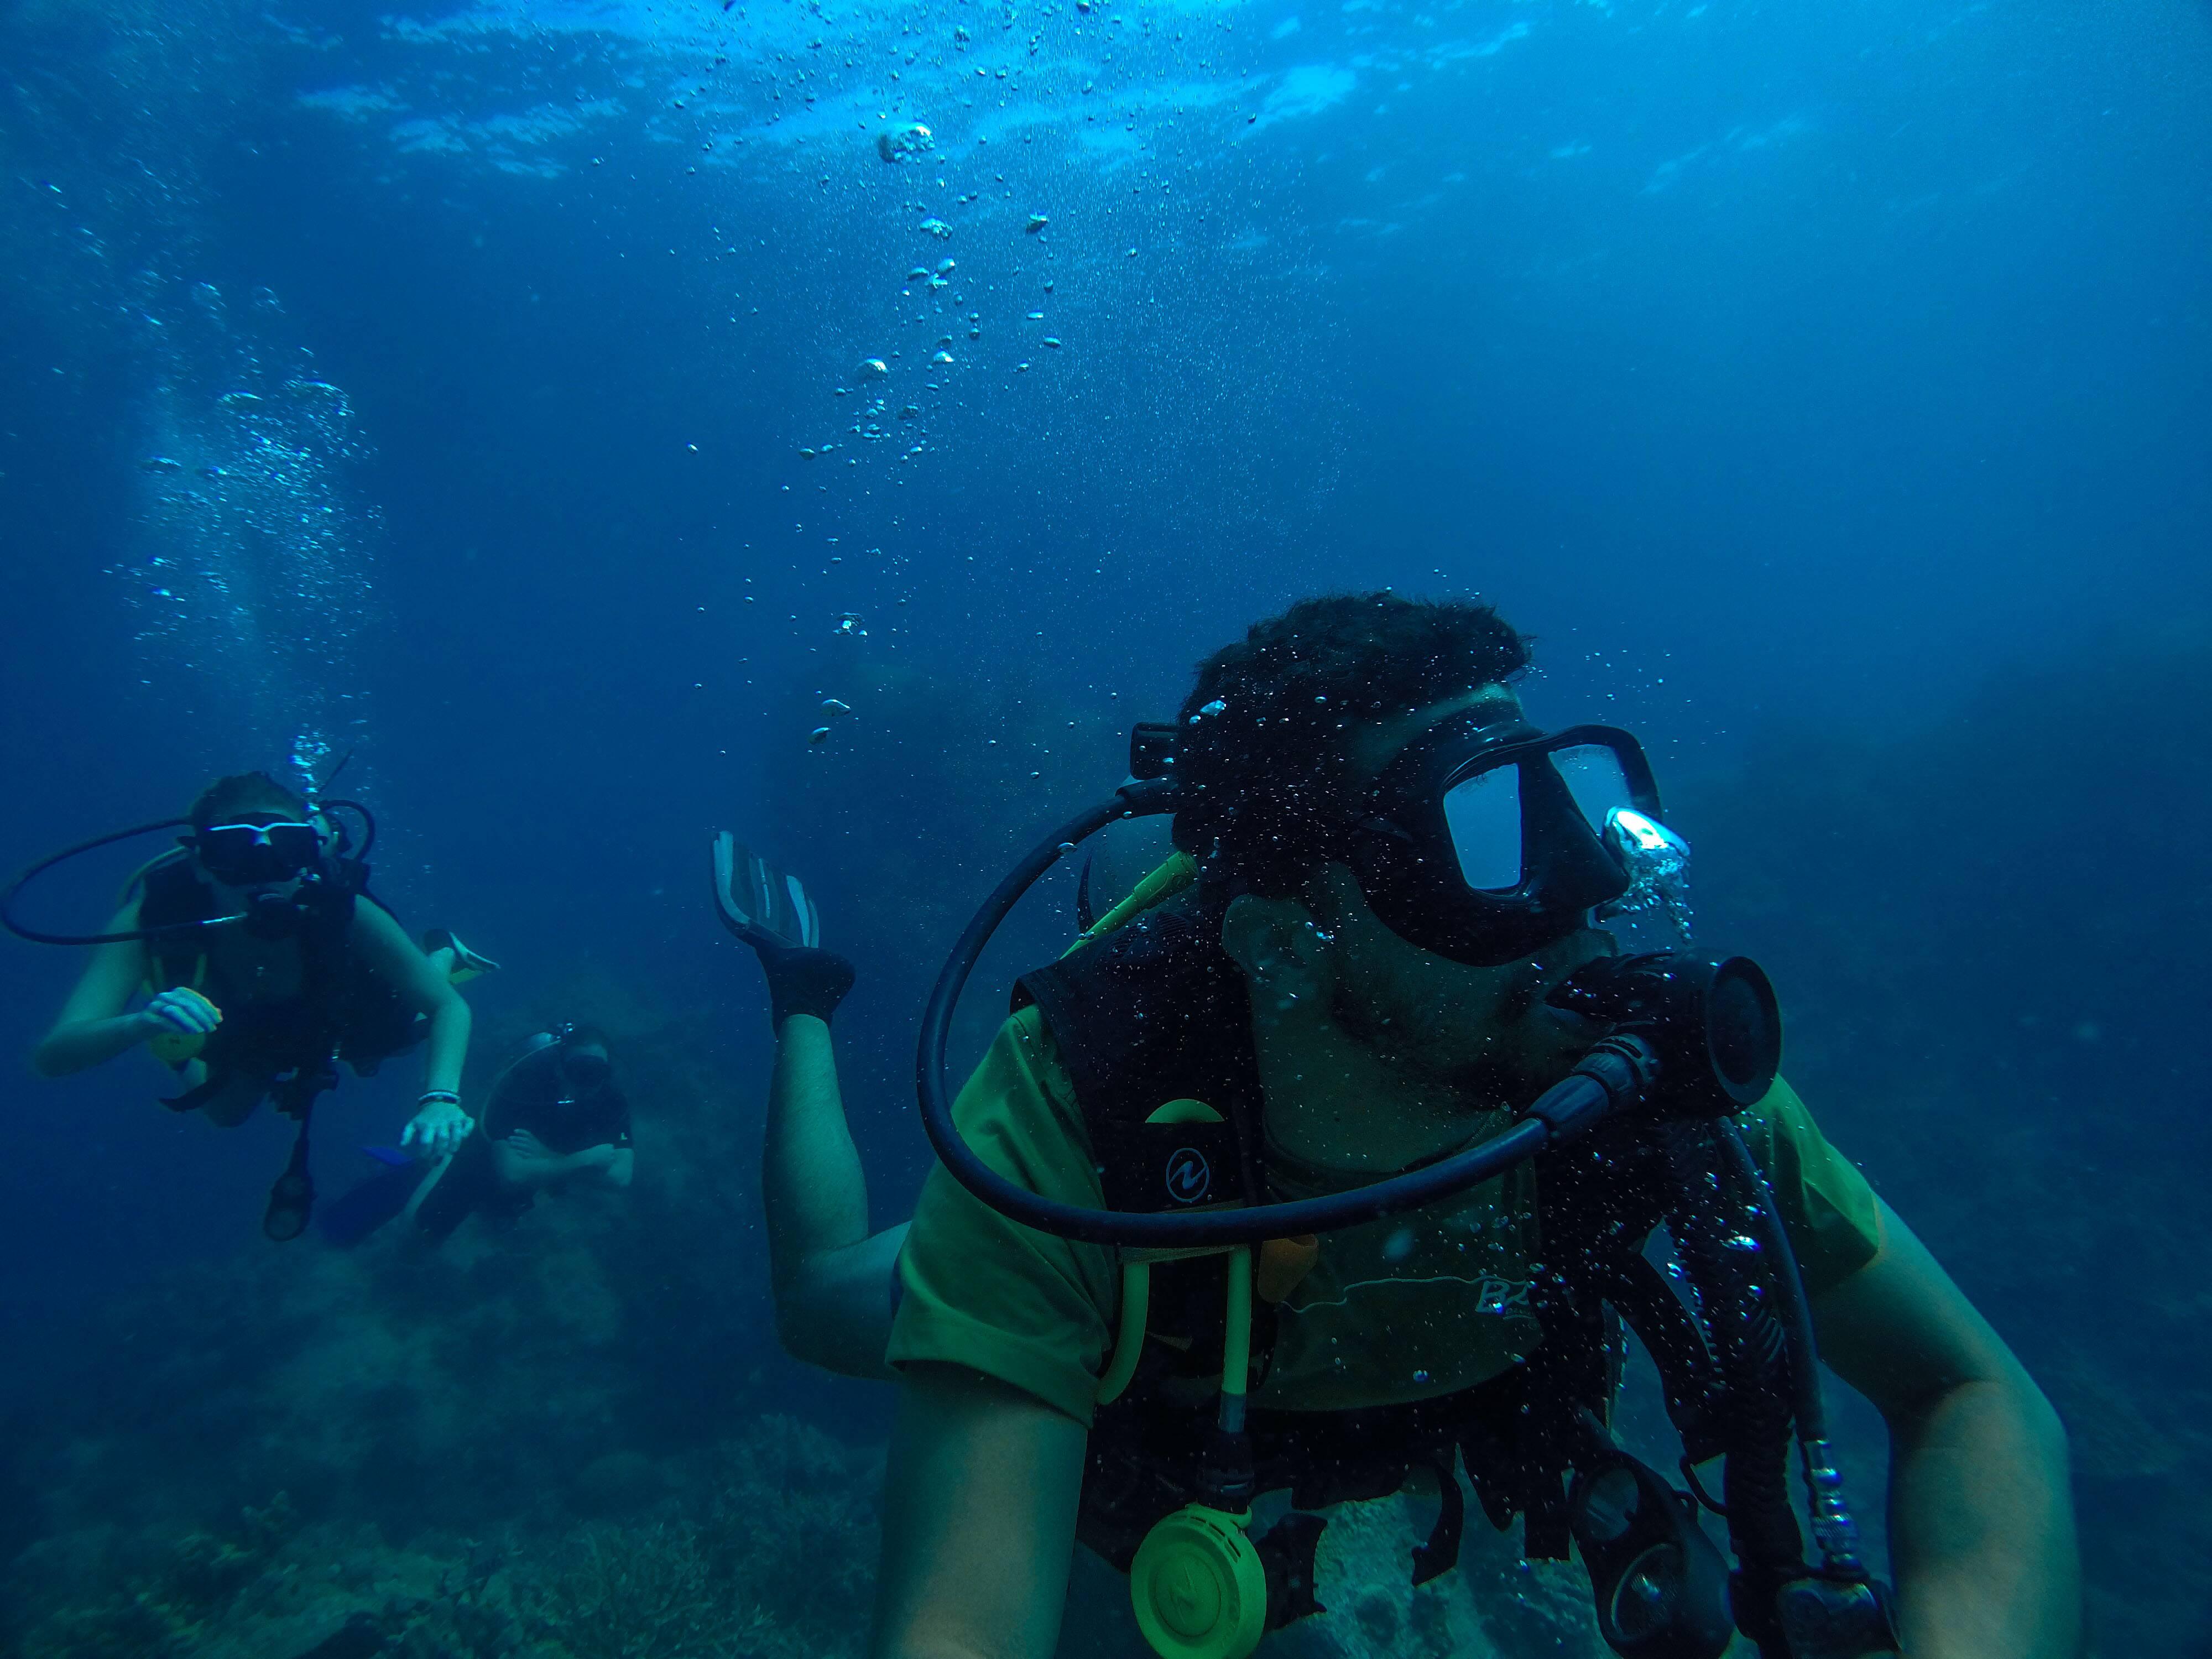 Koh Tao - Já como Divemaster, guiando a Victória e outras no mergulho em Koh Tao - Mergulho   Diving